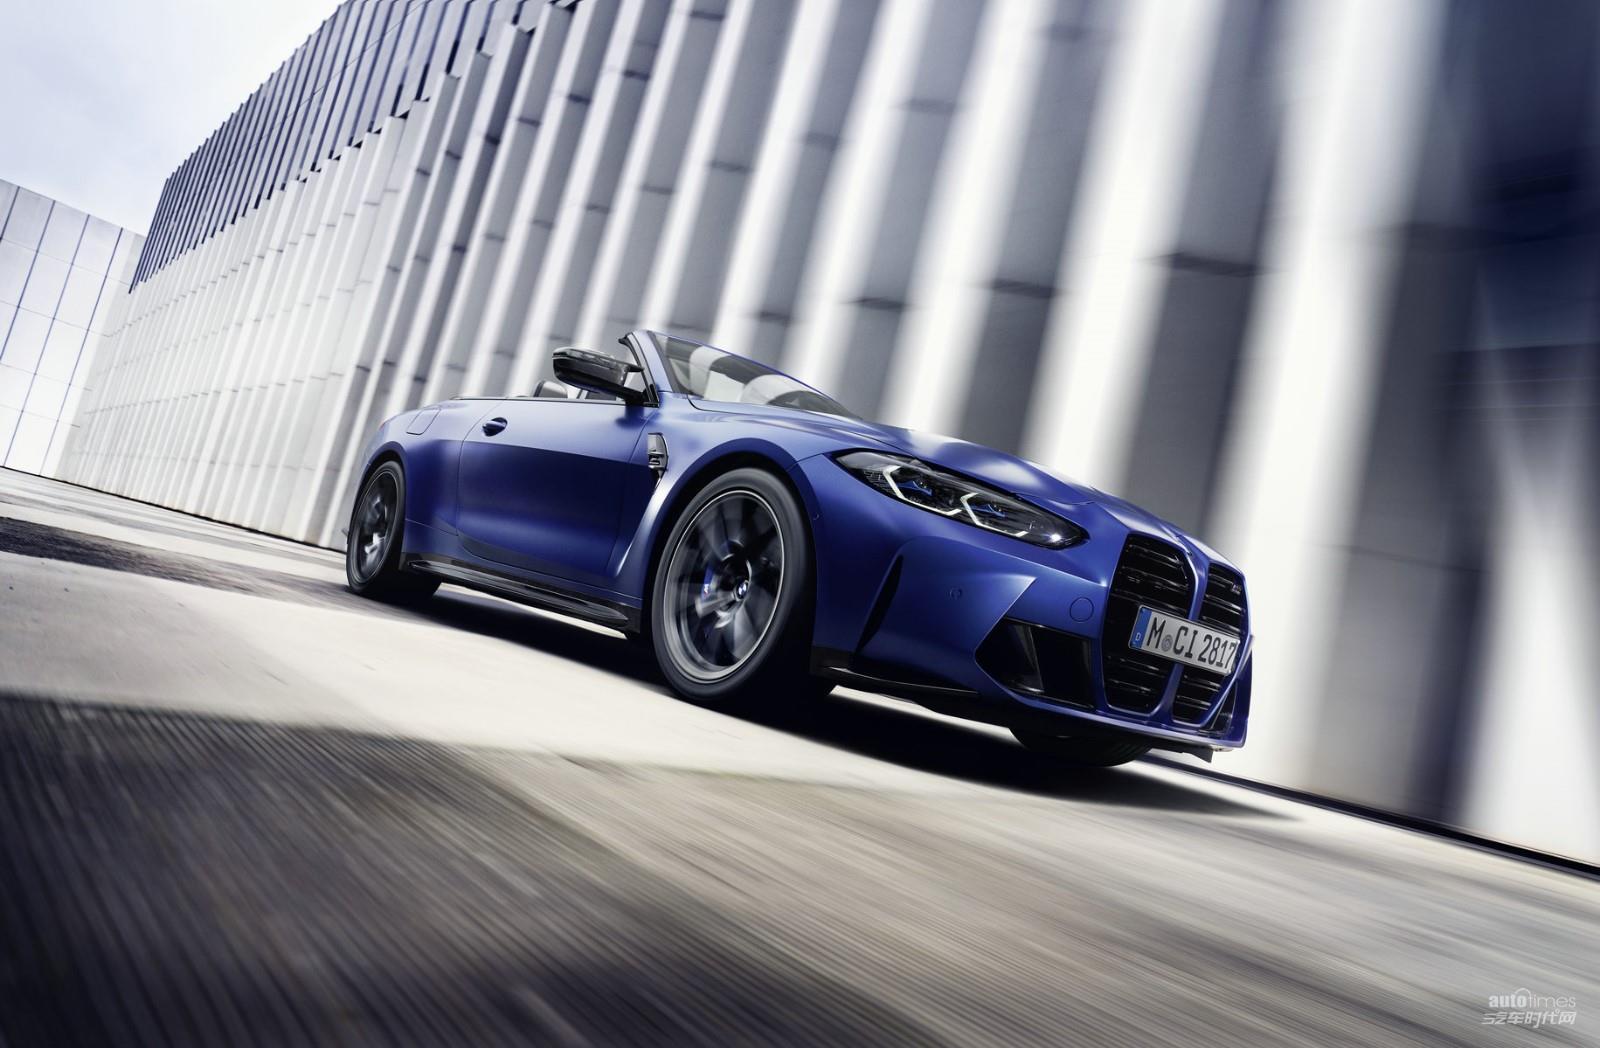 全新BMW M4敞篷轿跑车雷霆版全球首发【汽车时代网】